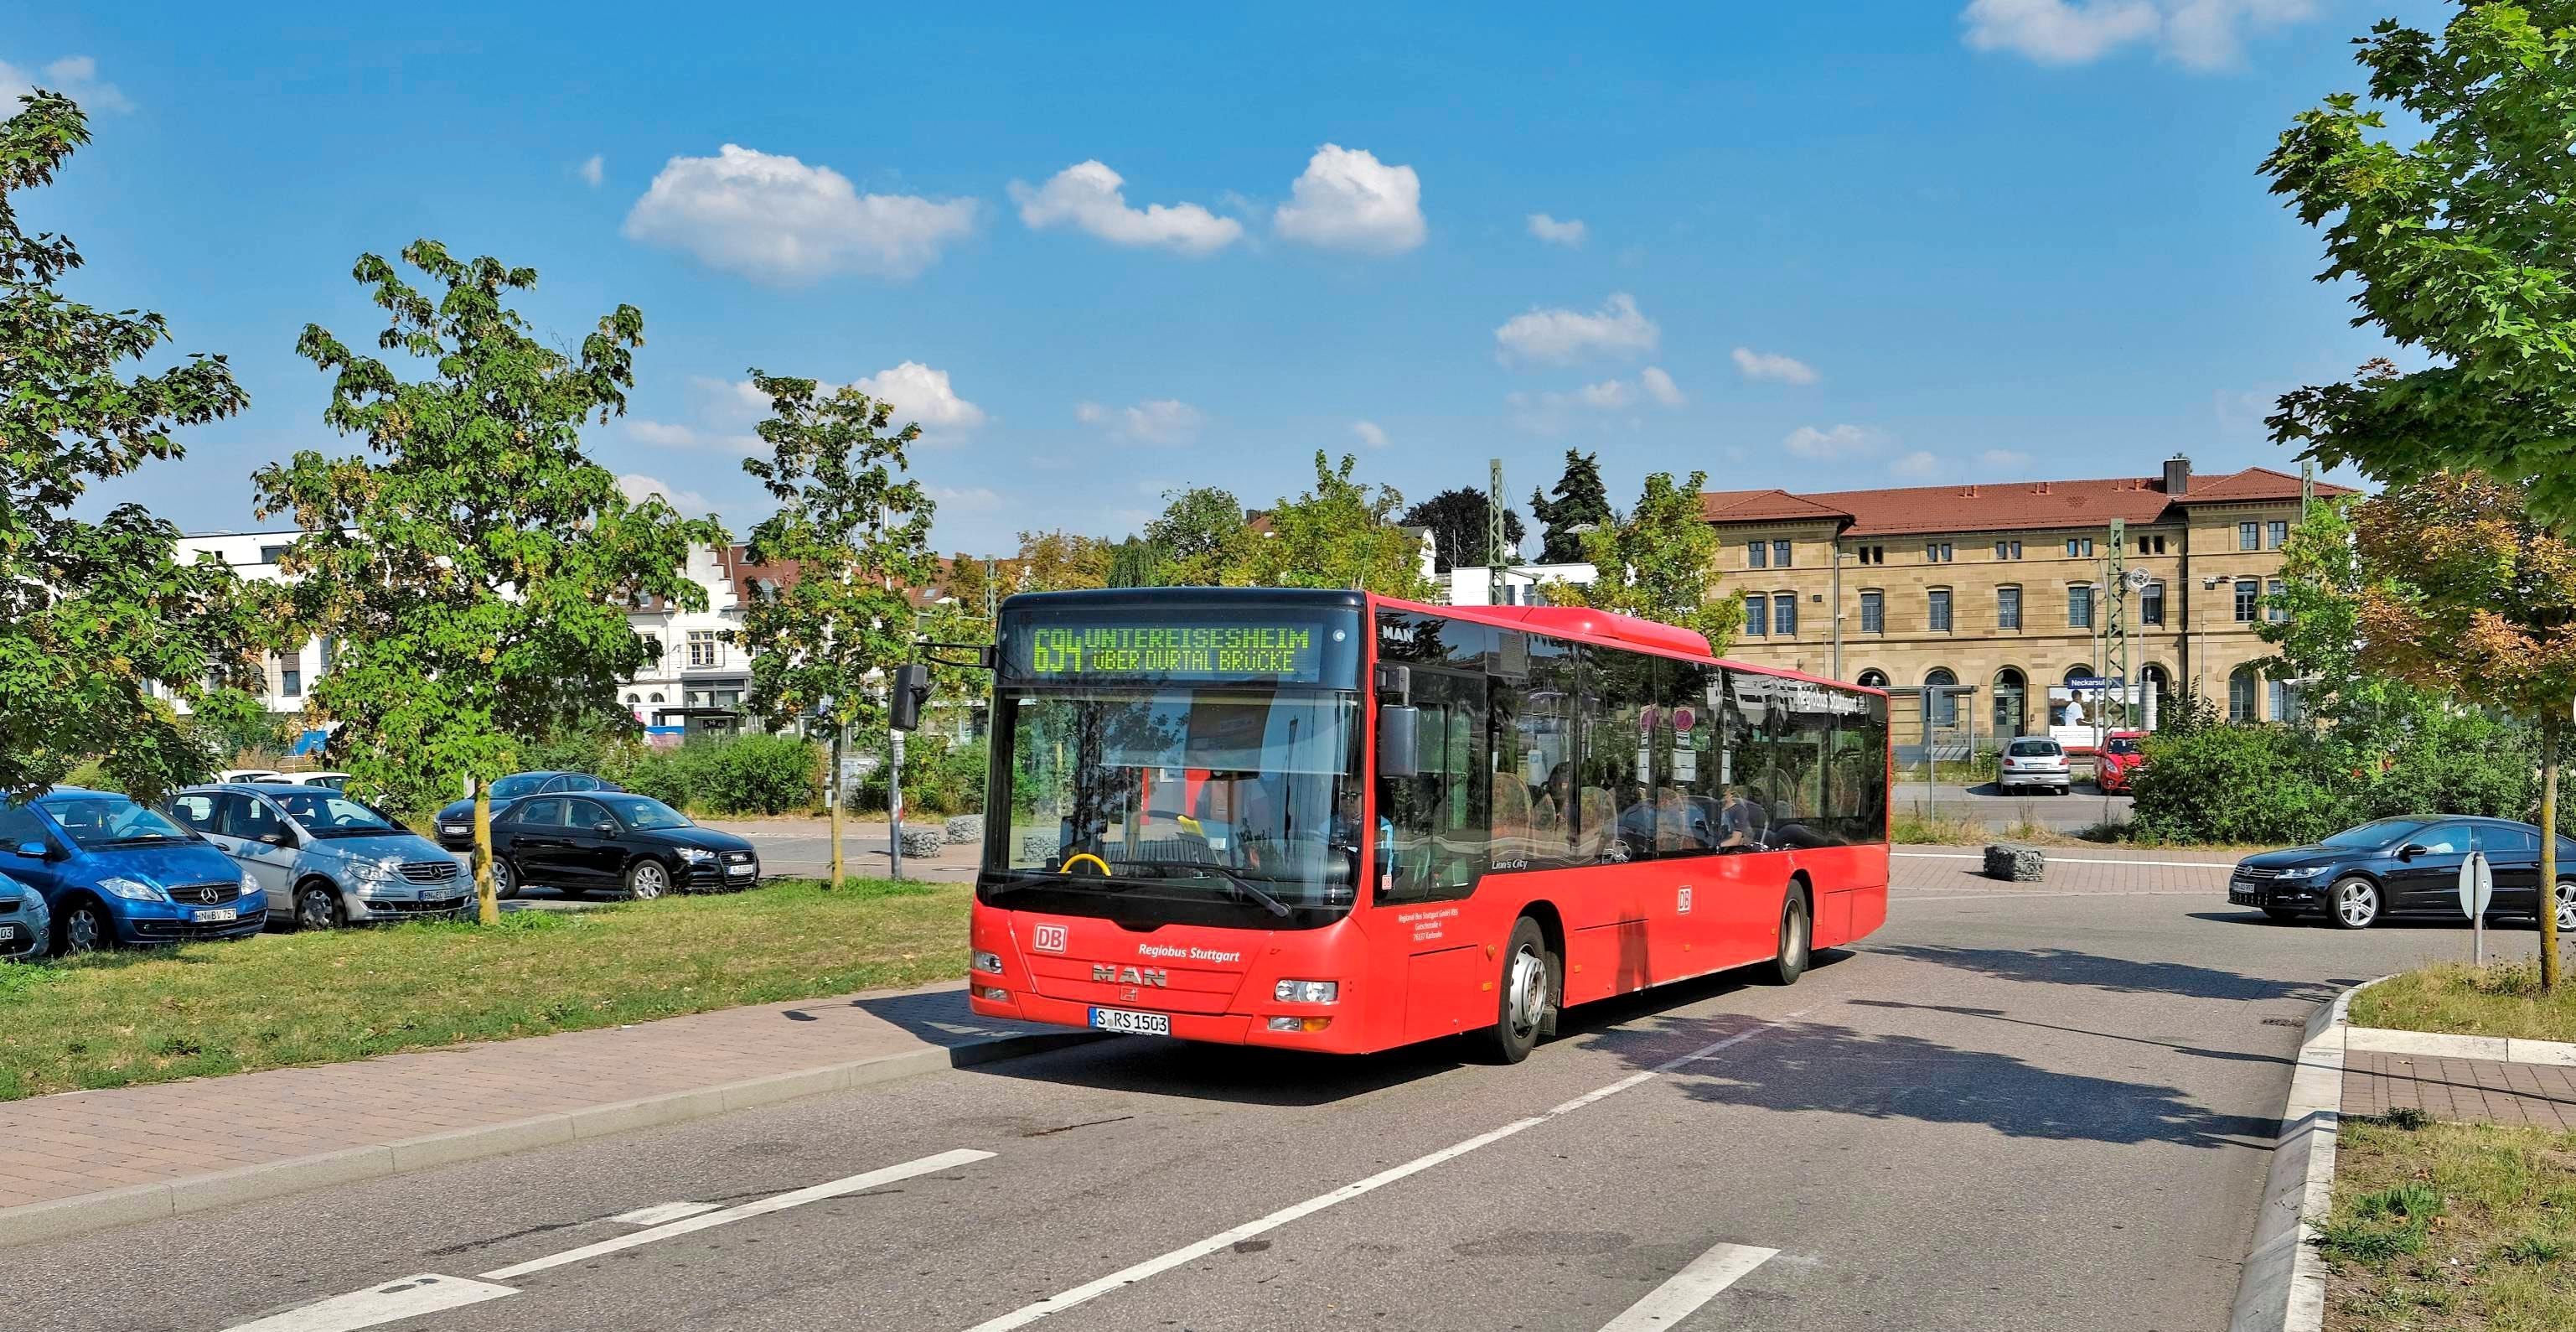 Weil Kitas und Schulen geschlossen sind, verkehren die Neckarsulmer Stadtbusse bis voraussichtlich 19. April nach dem Ferienfahrplan. Foto: Archiv/Mugle